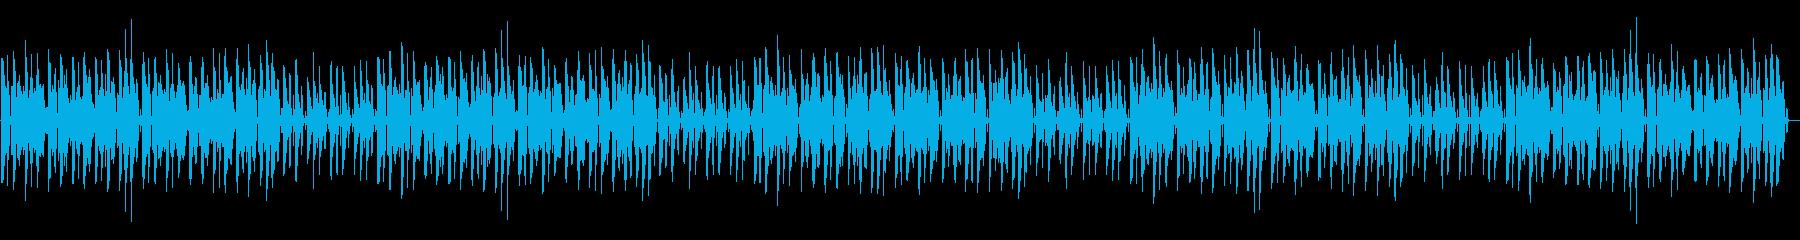 ほのぼの脱力系「桃太郎」の再生済みの波形